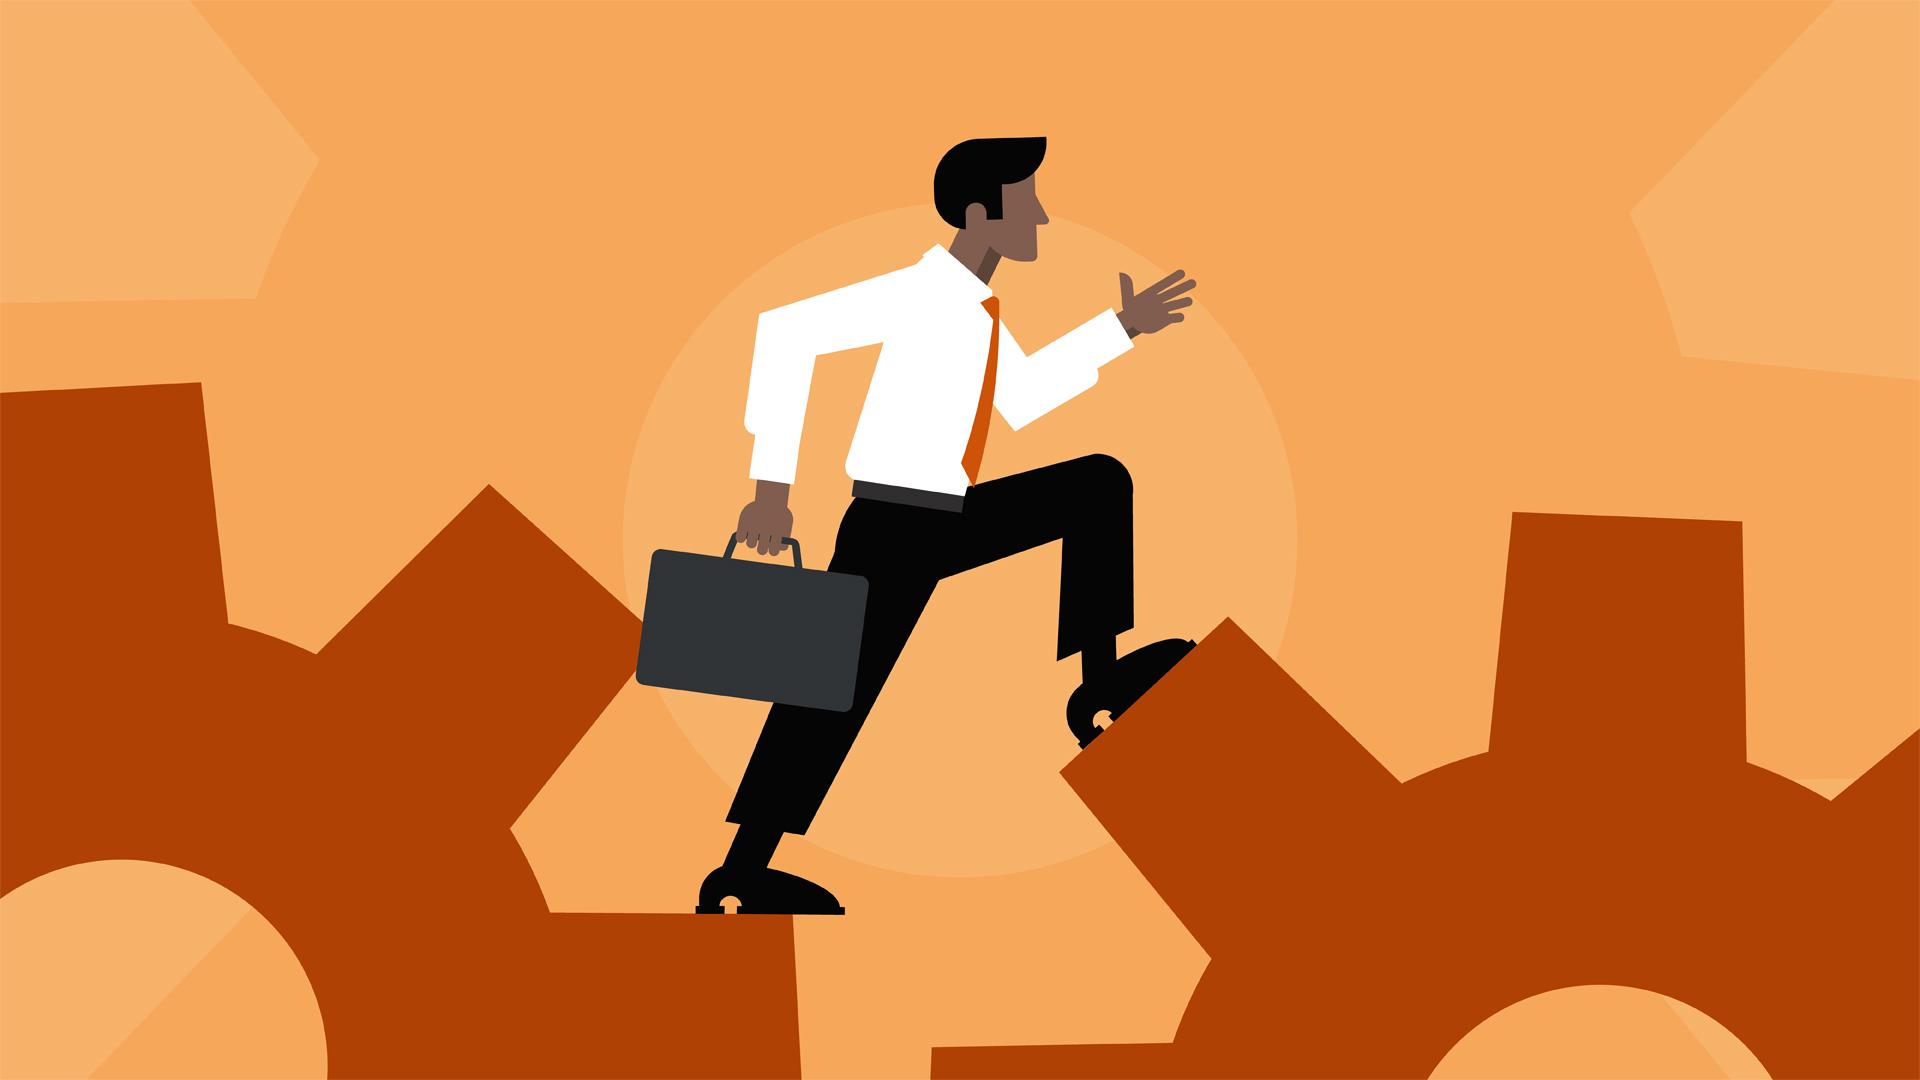 تغییرات مثبت سازمانی با ۹ تغییر کوچک در مدیریت